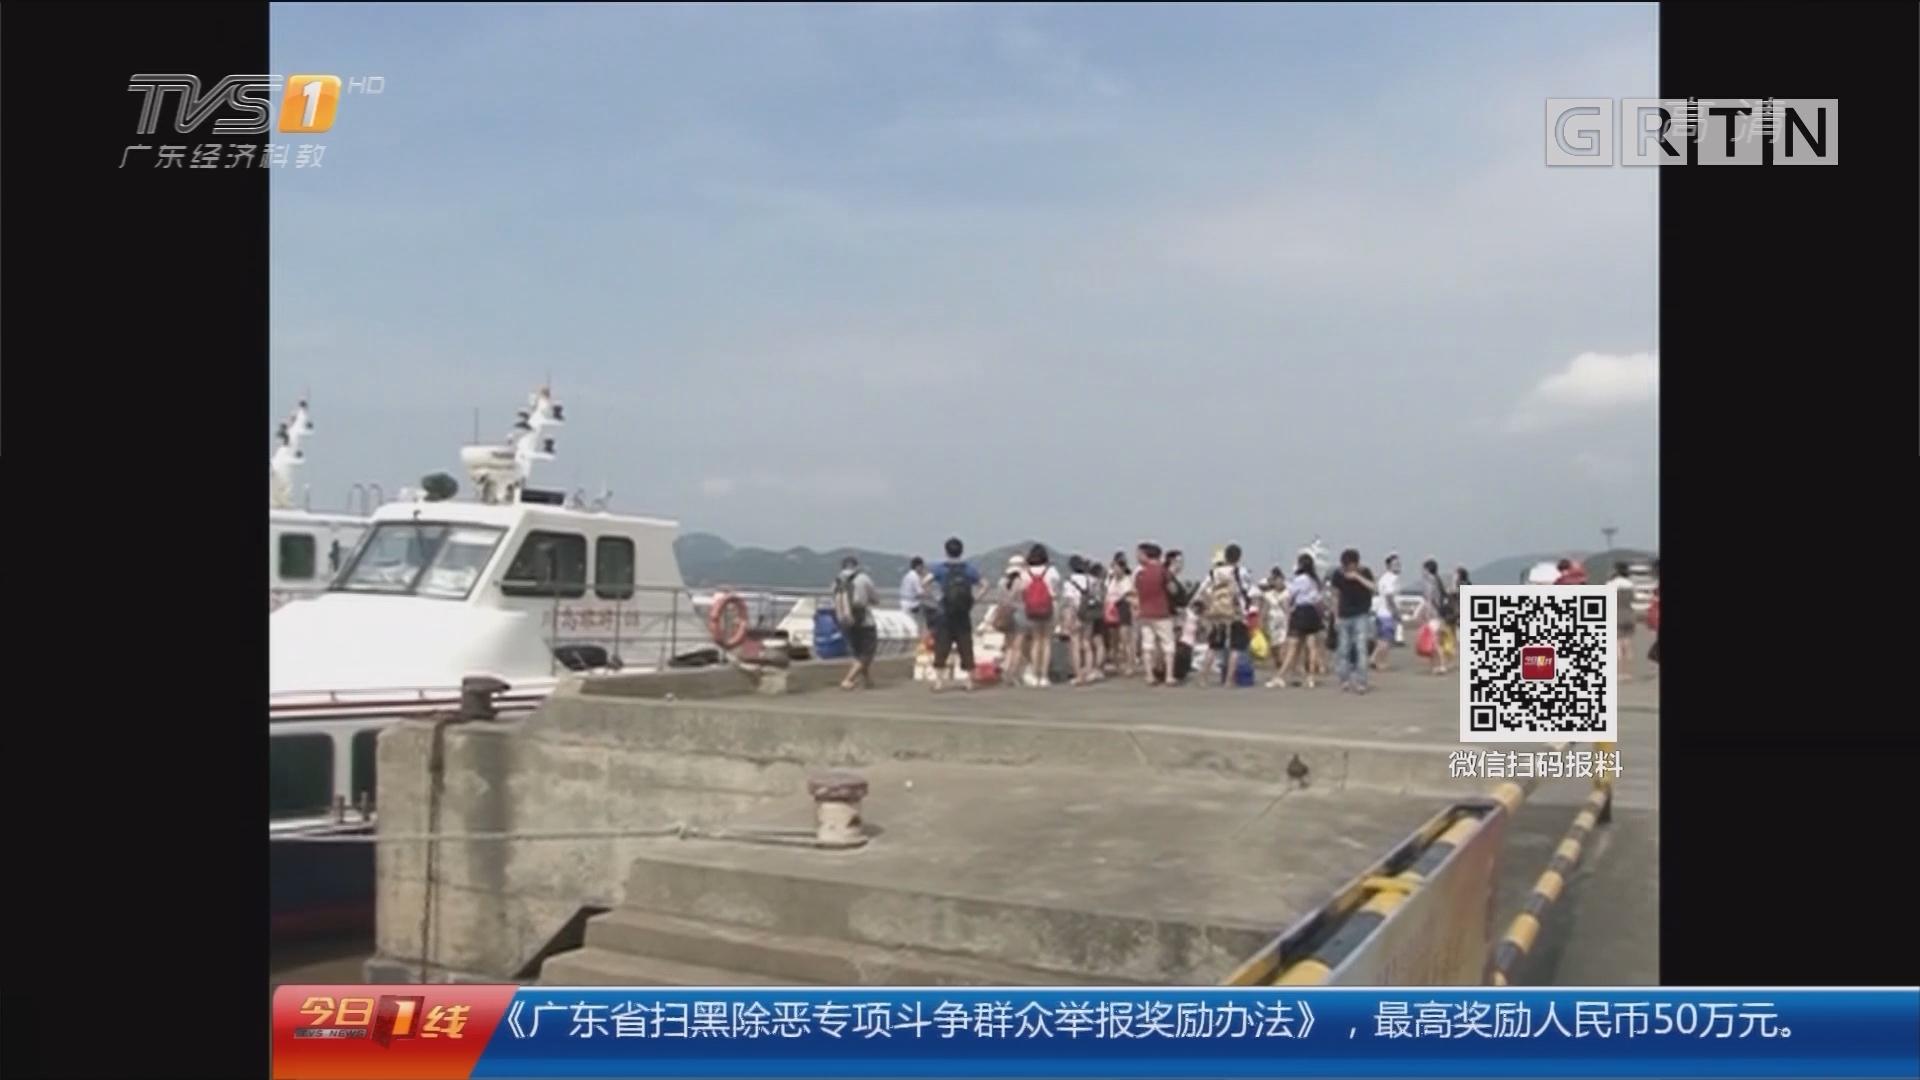 """关注台风""""山神"""":江门台山 上下川岛客轮停航 400旅客滞留"""